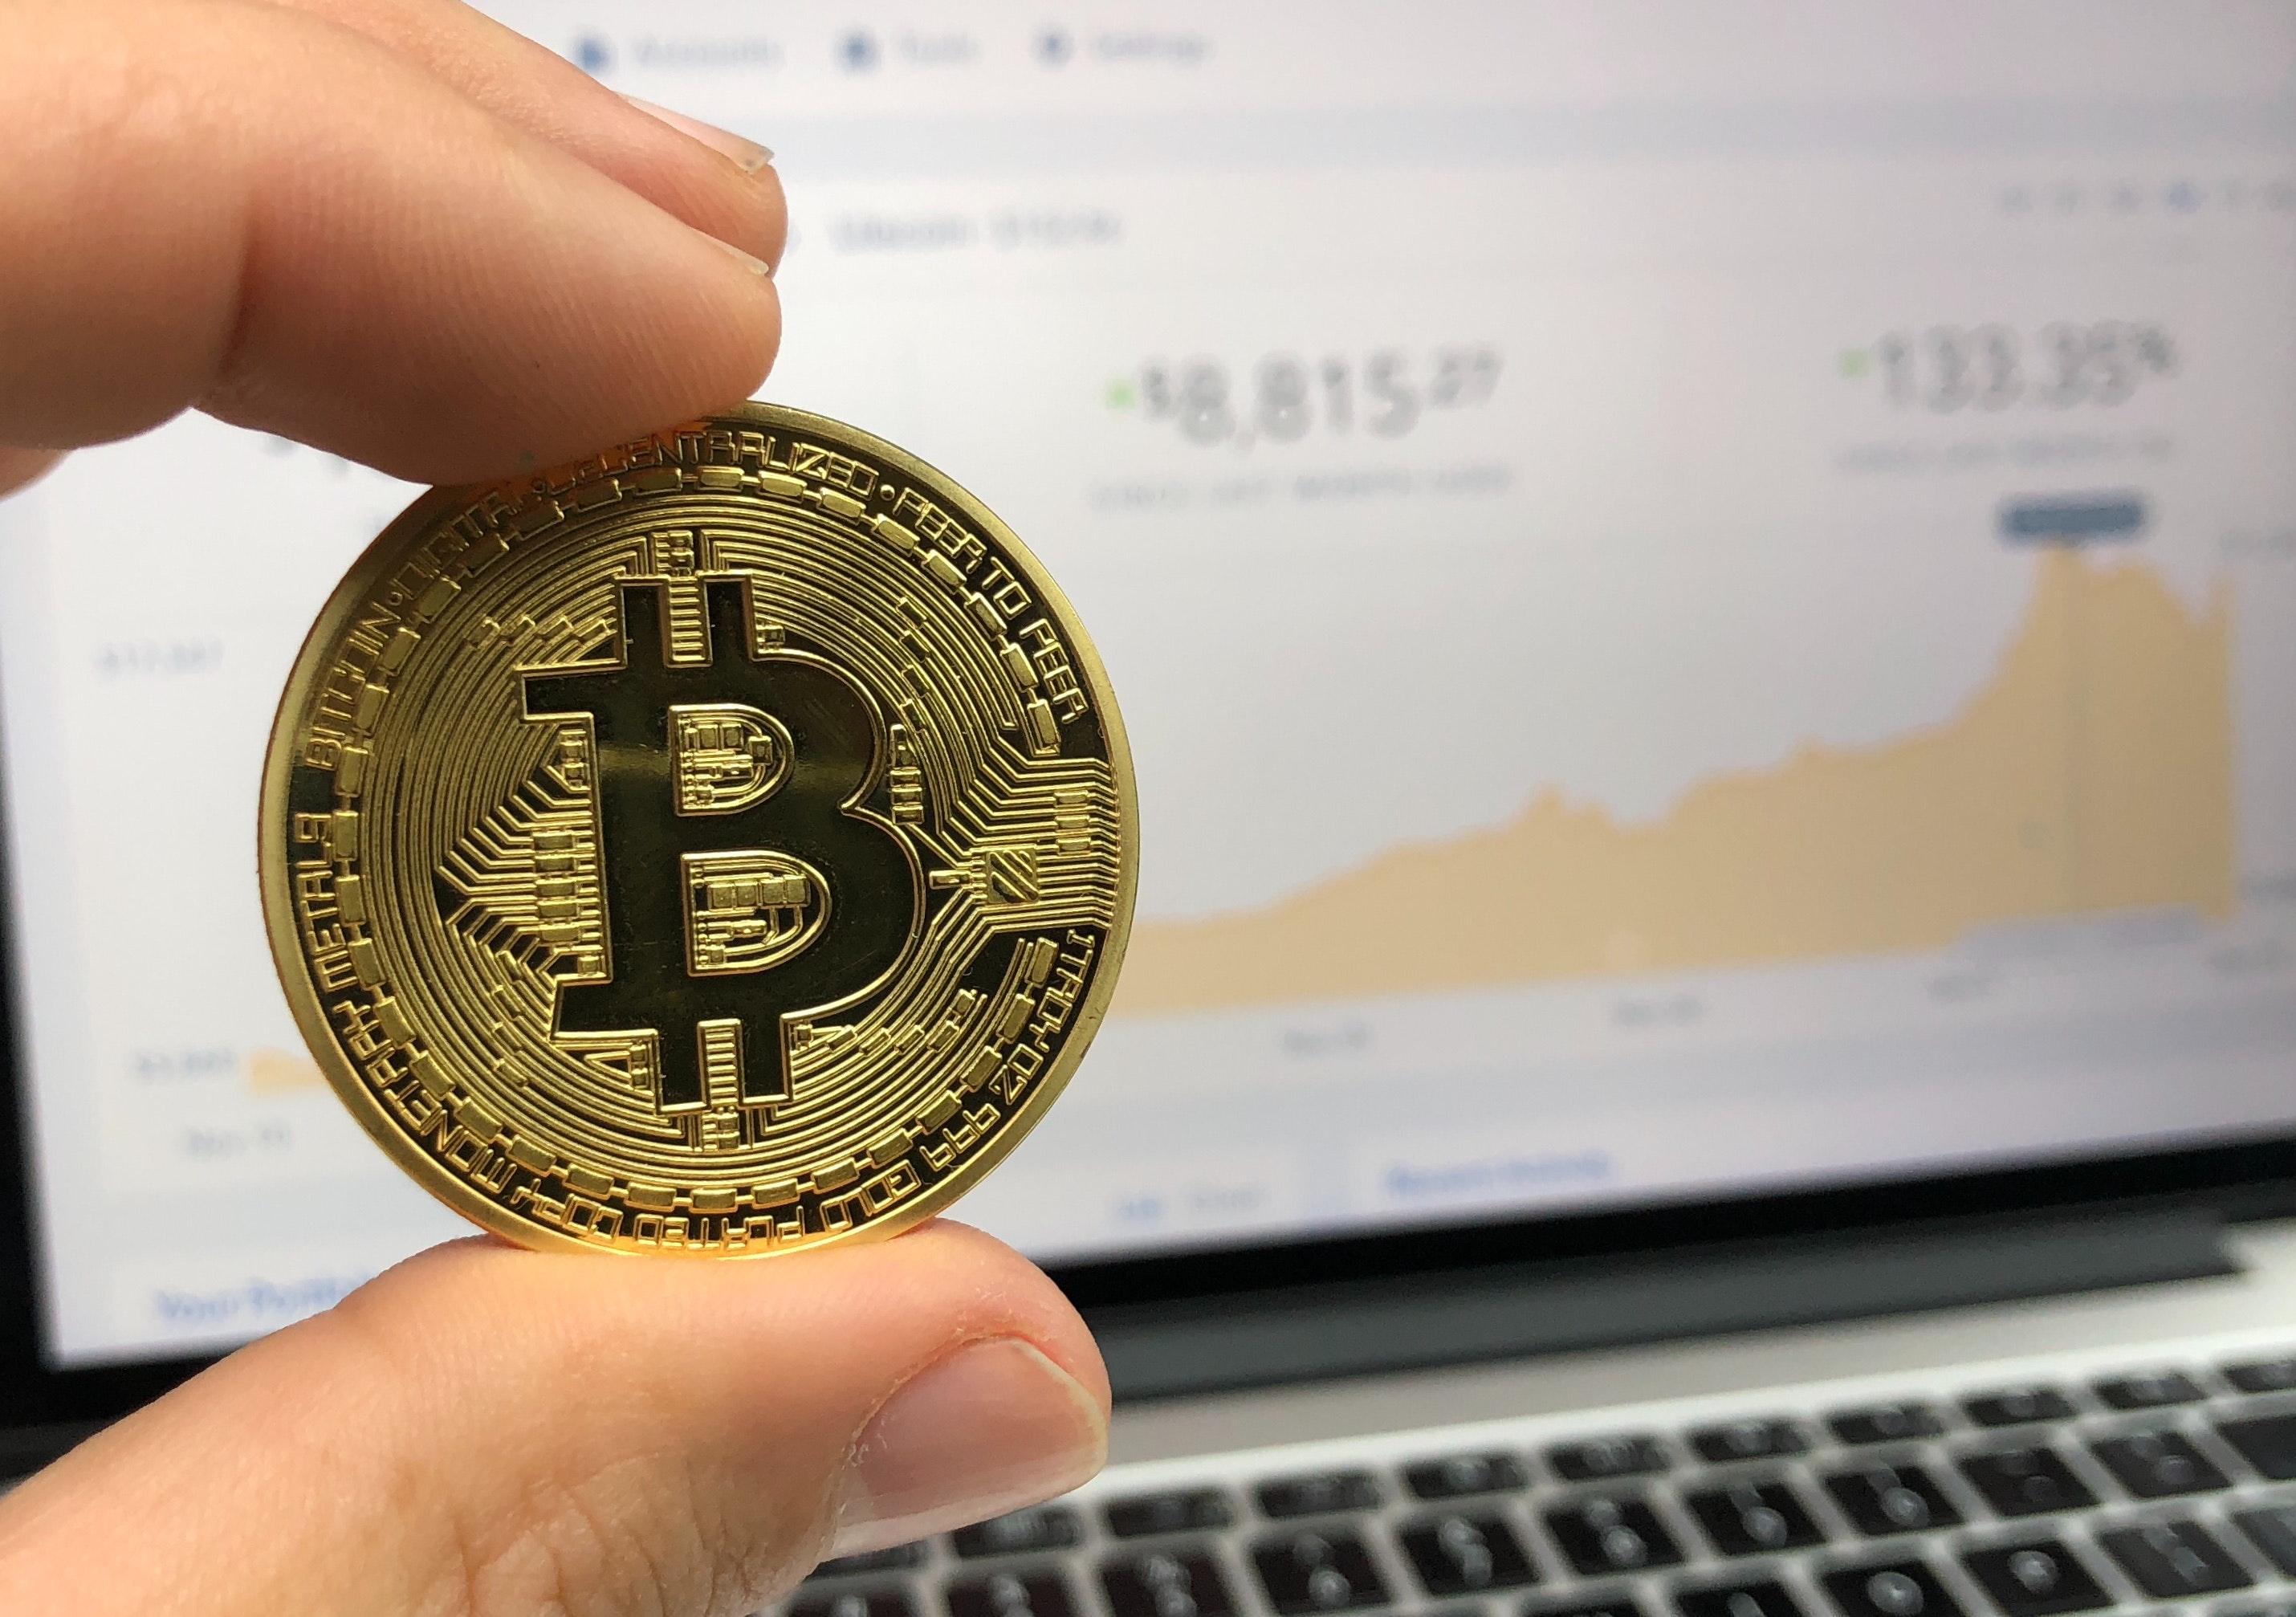 come prelevare bitcoin da un portafoglio di carta